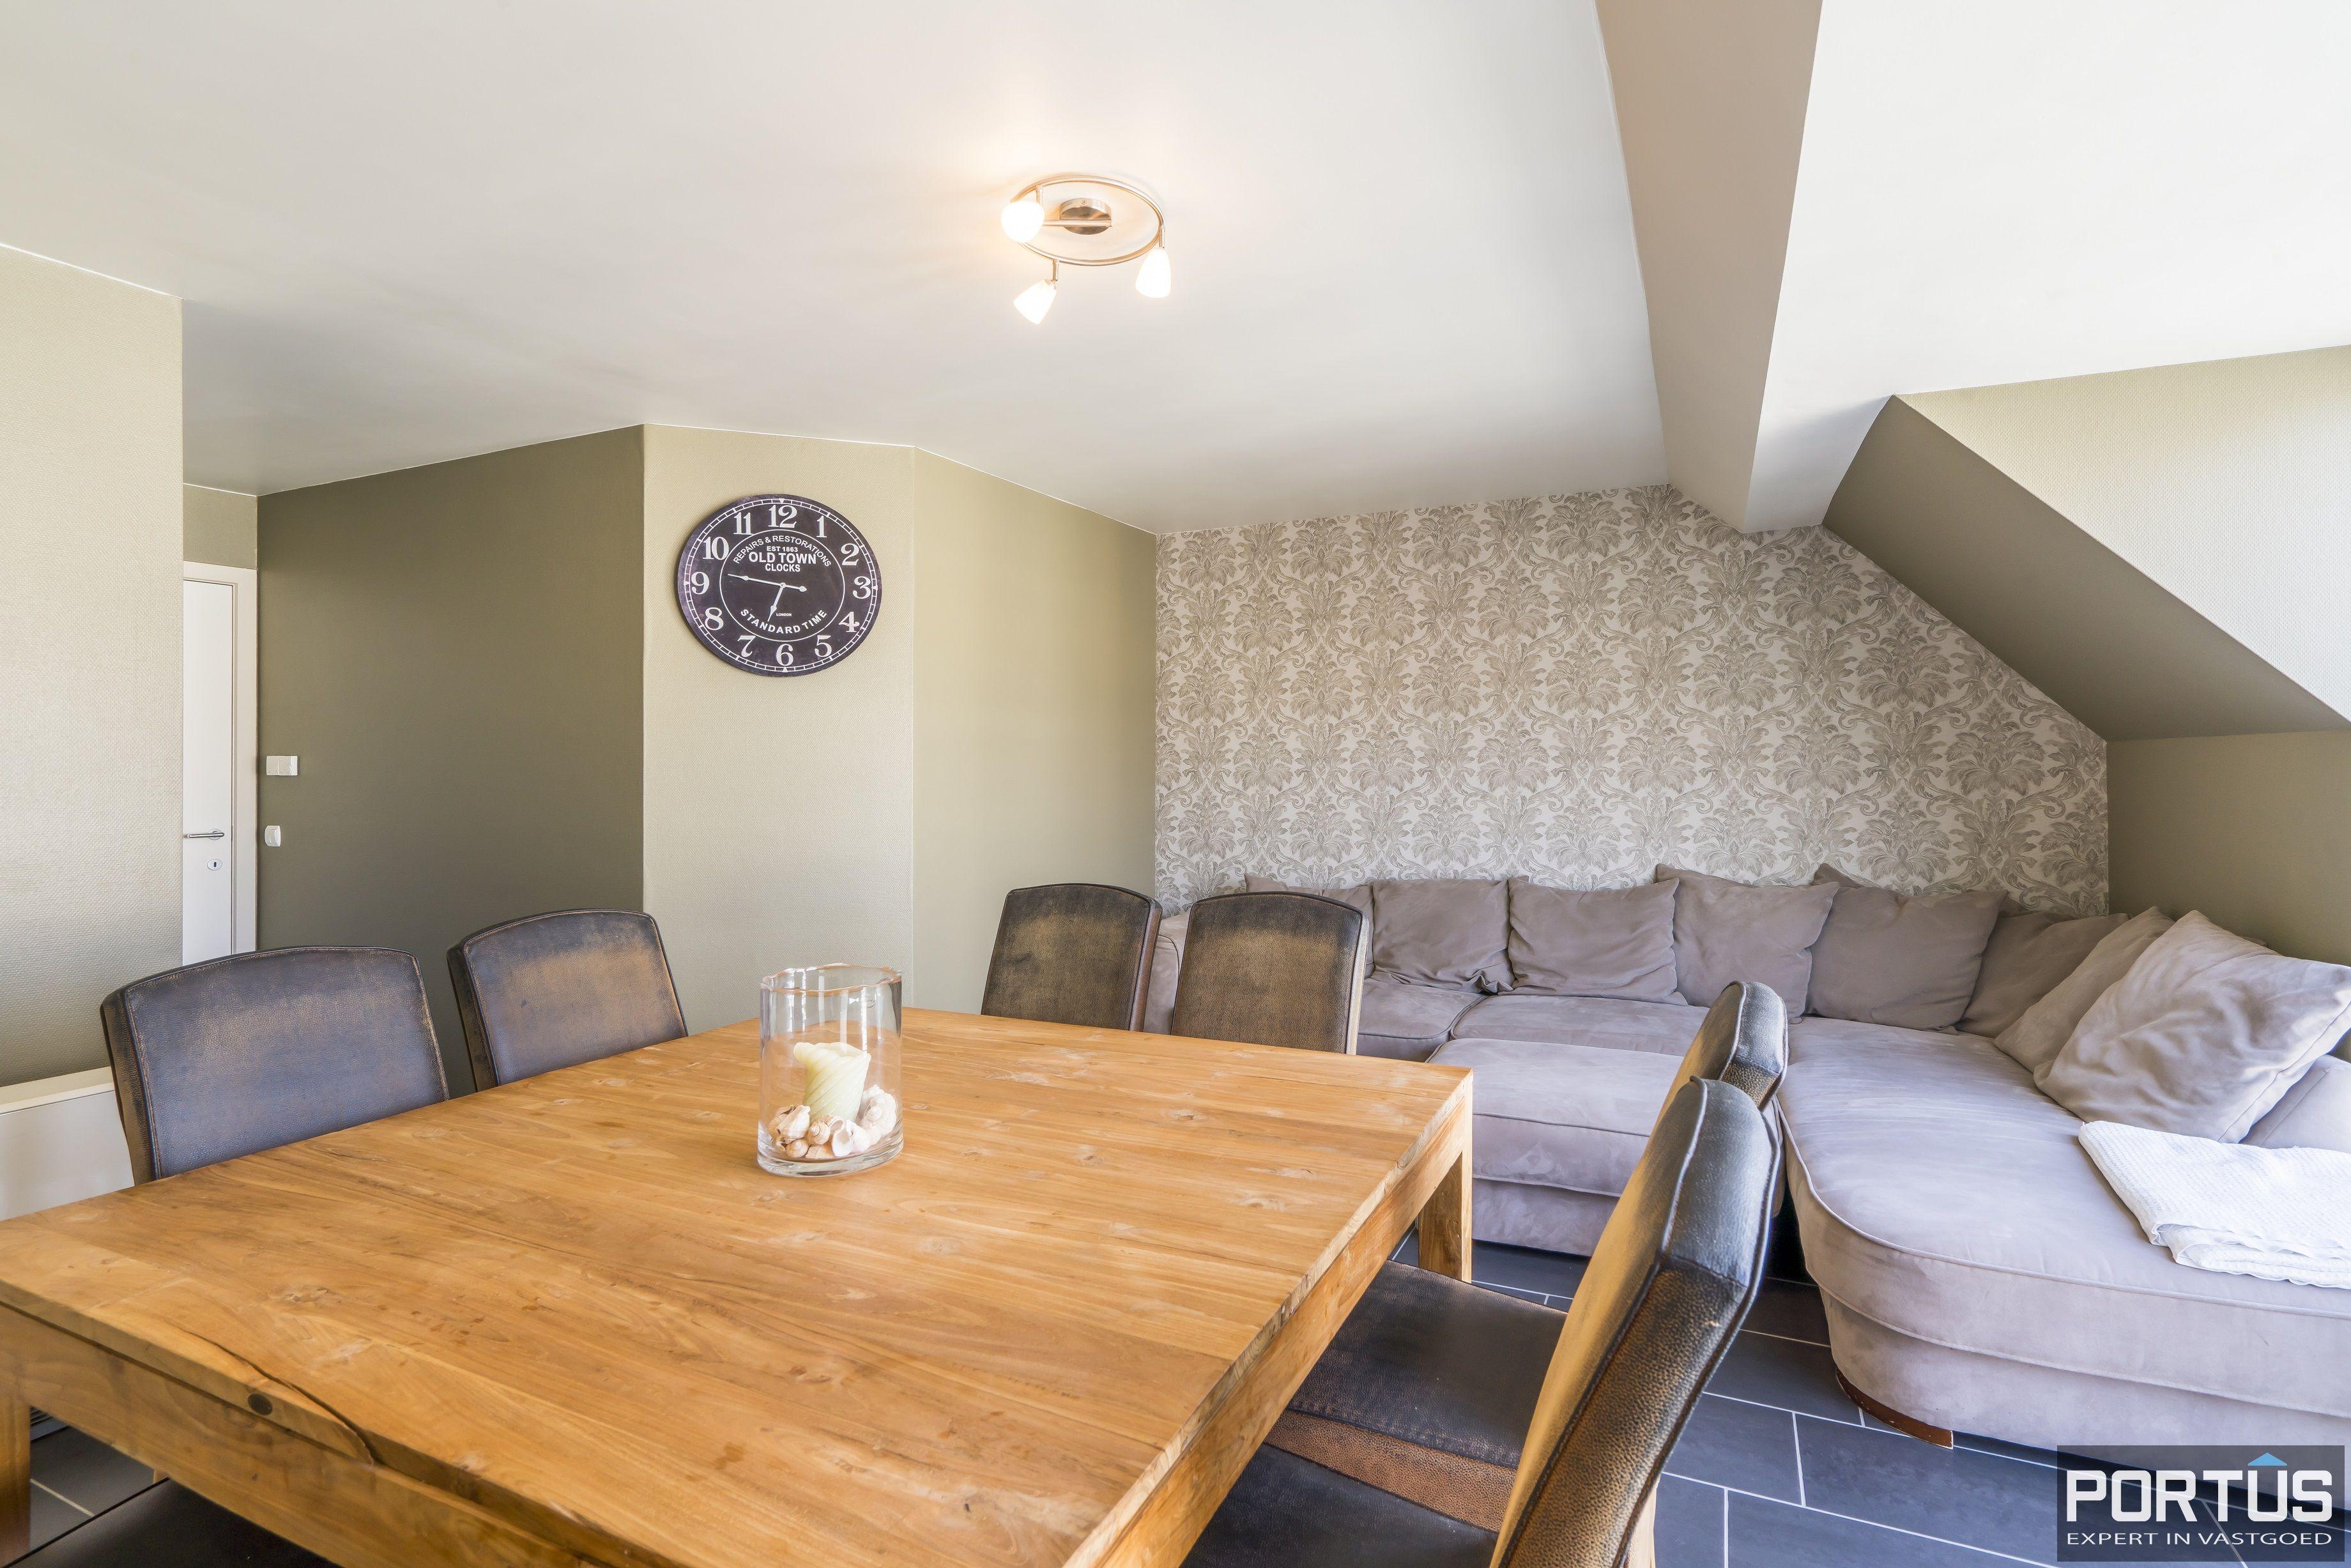 Appartement op wandelafstand van het strand te koop te Nieuwpoort-Bad - 13885